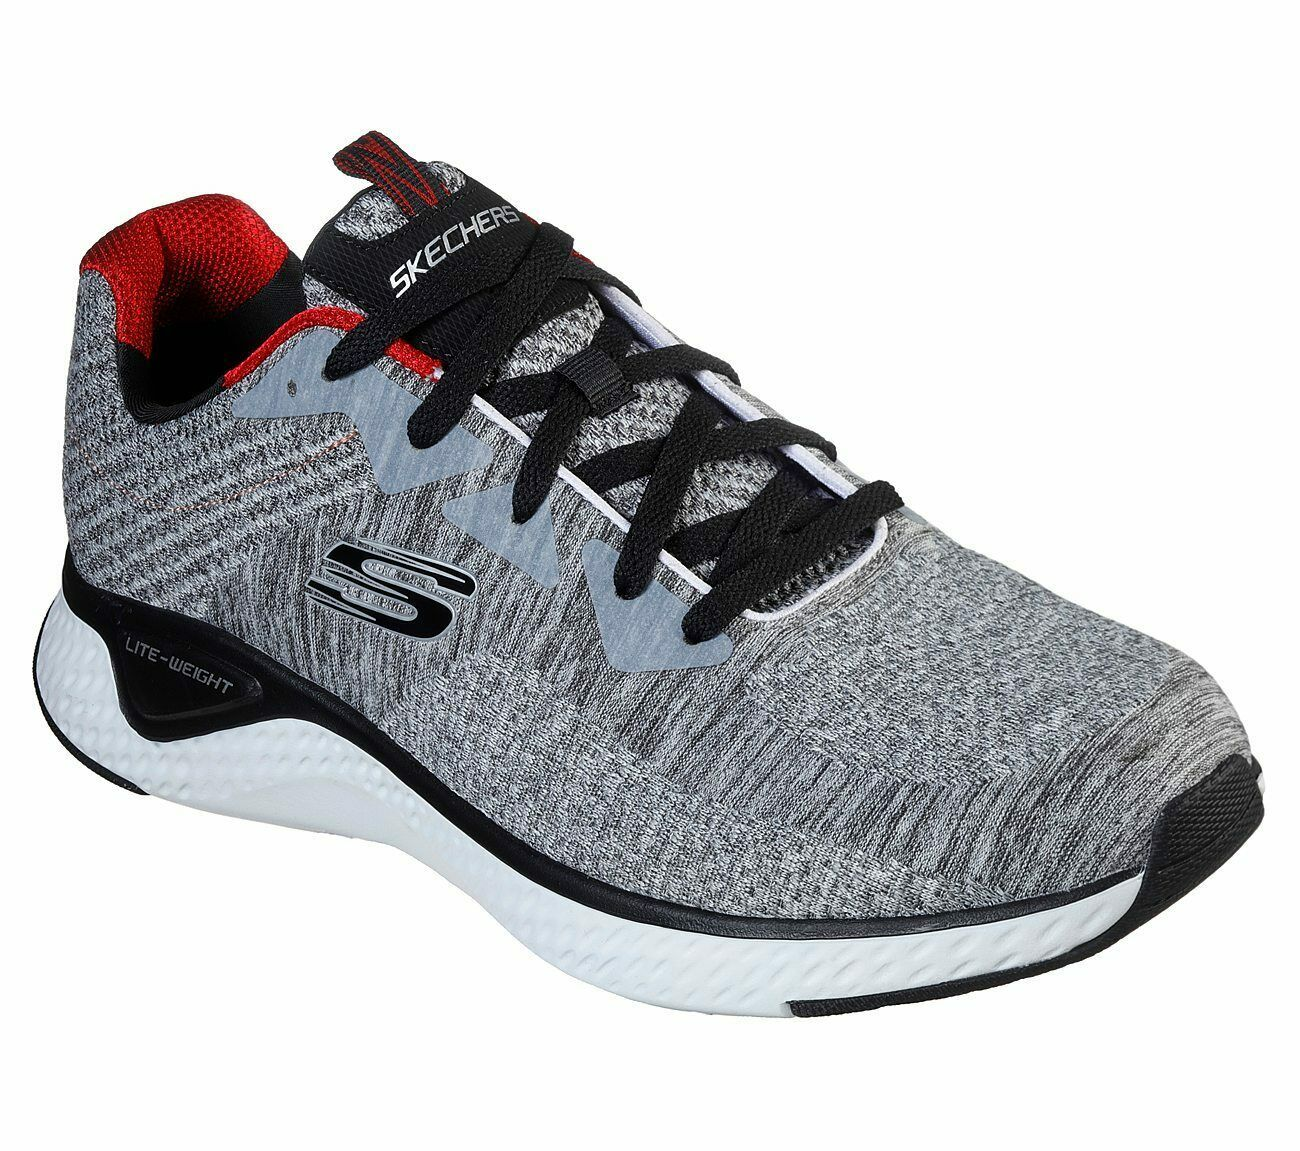 Skechers Gray shoes Men Memory Foam Walk Train Sport Comfort Casual Woven 52758